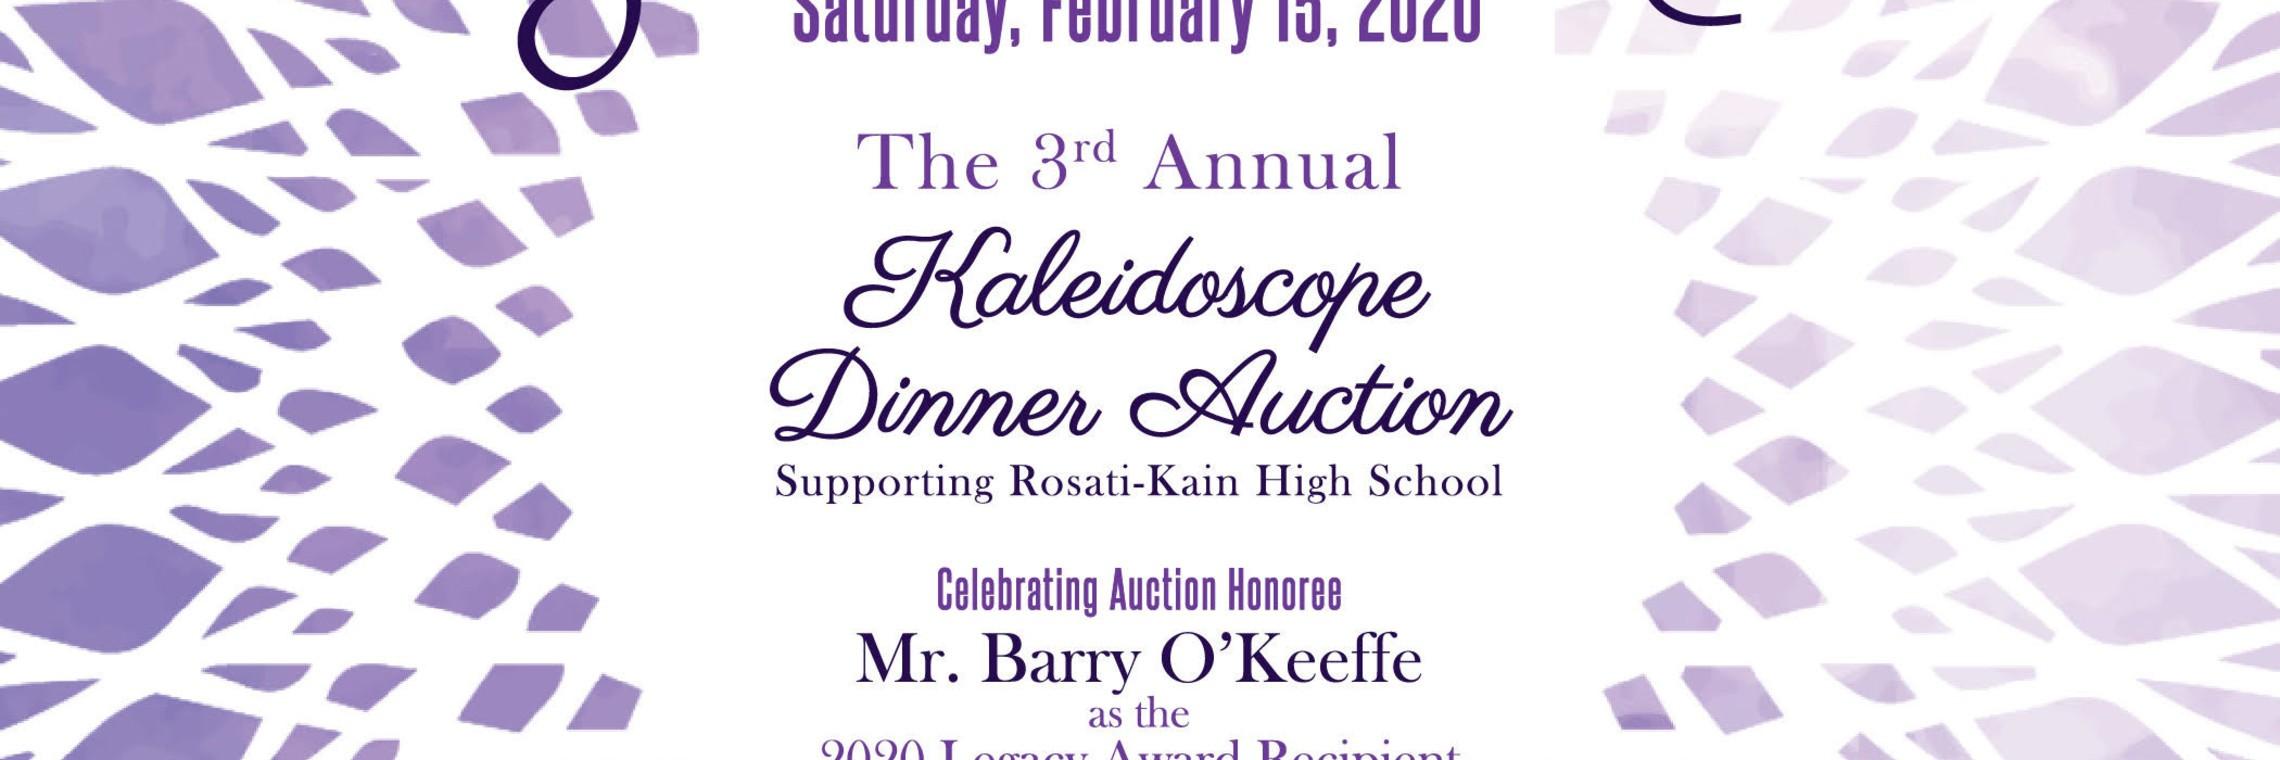 Kaleidoscope Dinner Auction